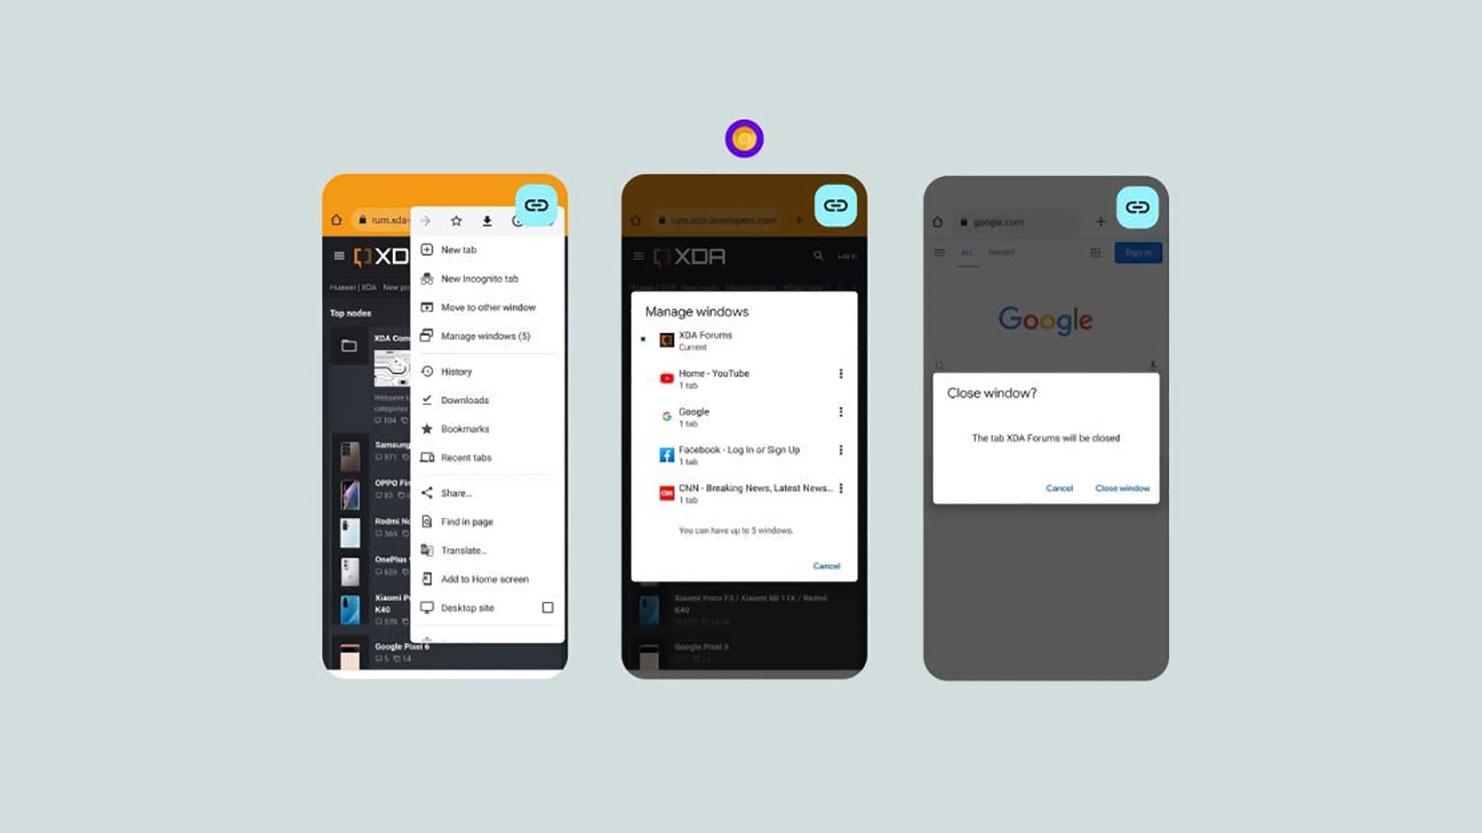 اندروید ۱۲ اجازه باز کردن چندین پنجره Chrome روی موبایل را می دهد، شبیه دسکتاپ